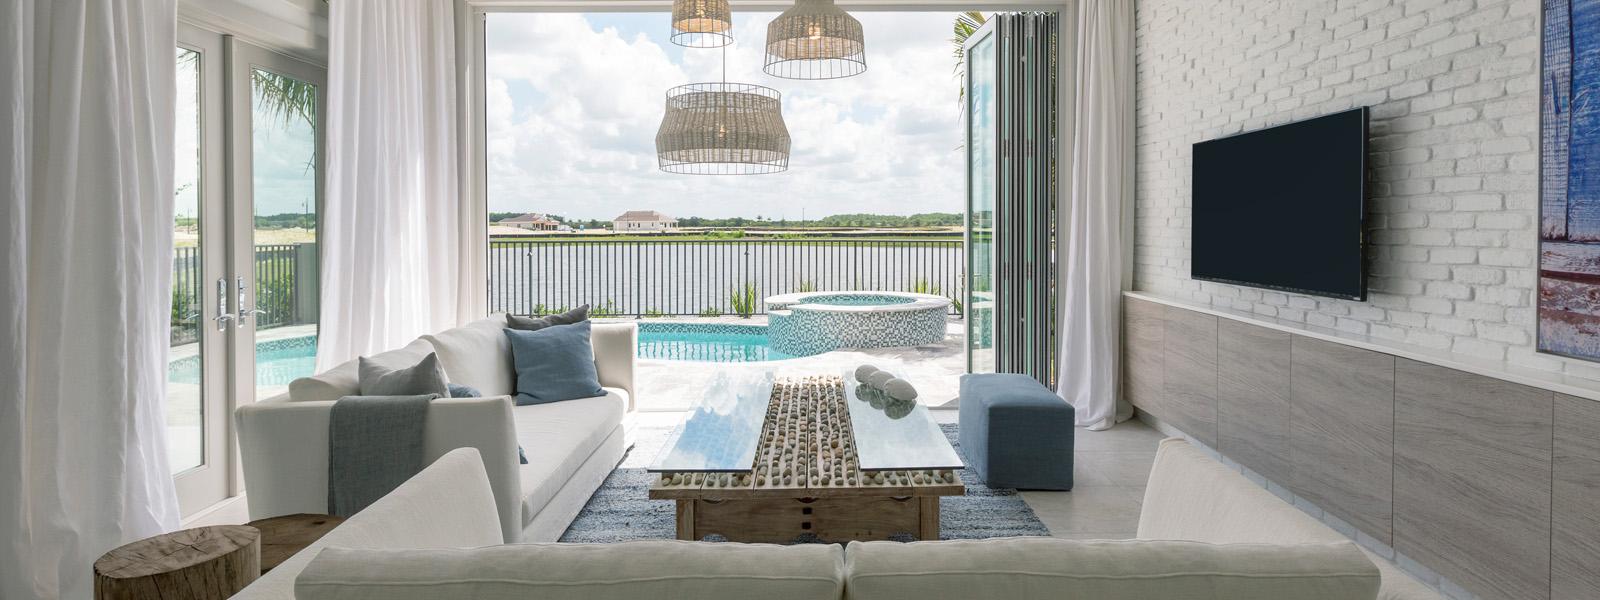 New-homes-at-Savannah-Lakes-at-Naples-Reserve-in-Naples